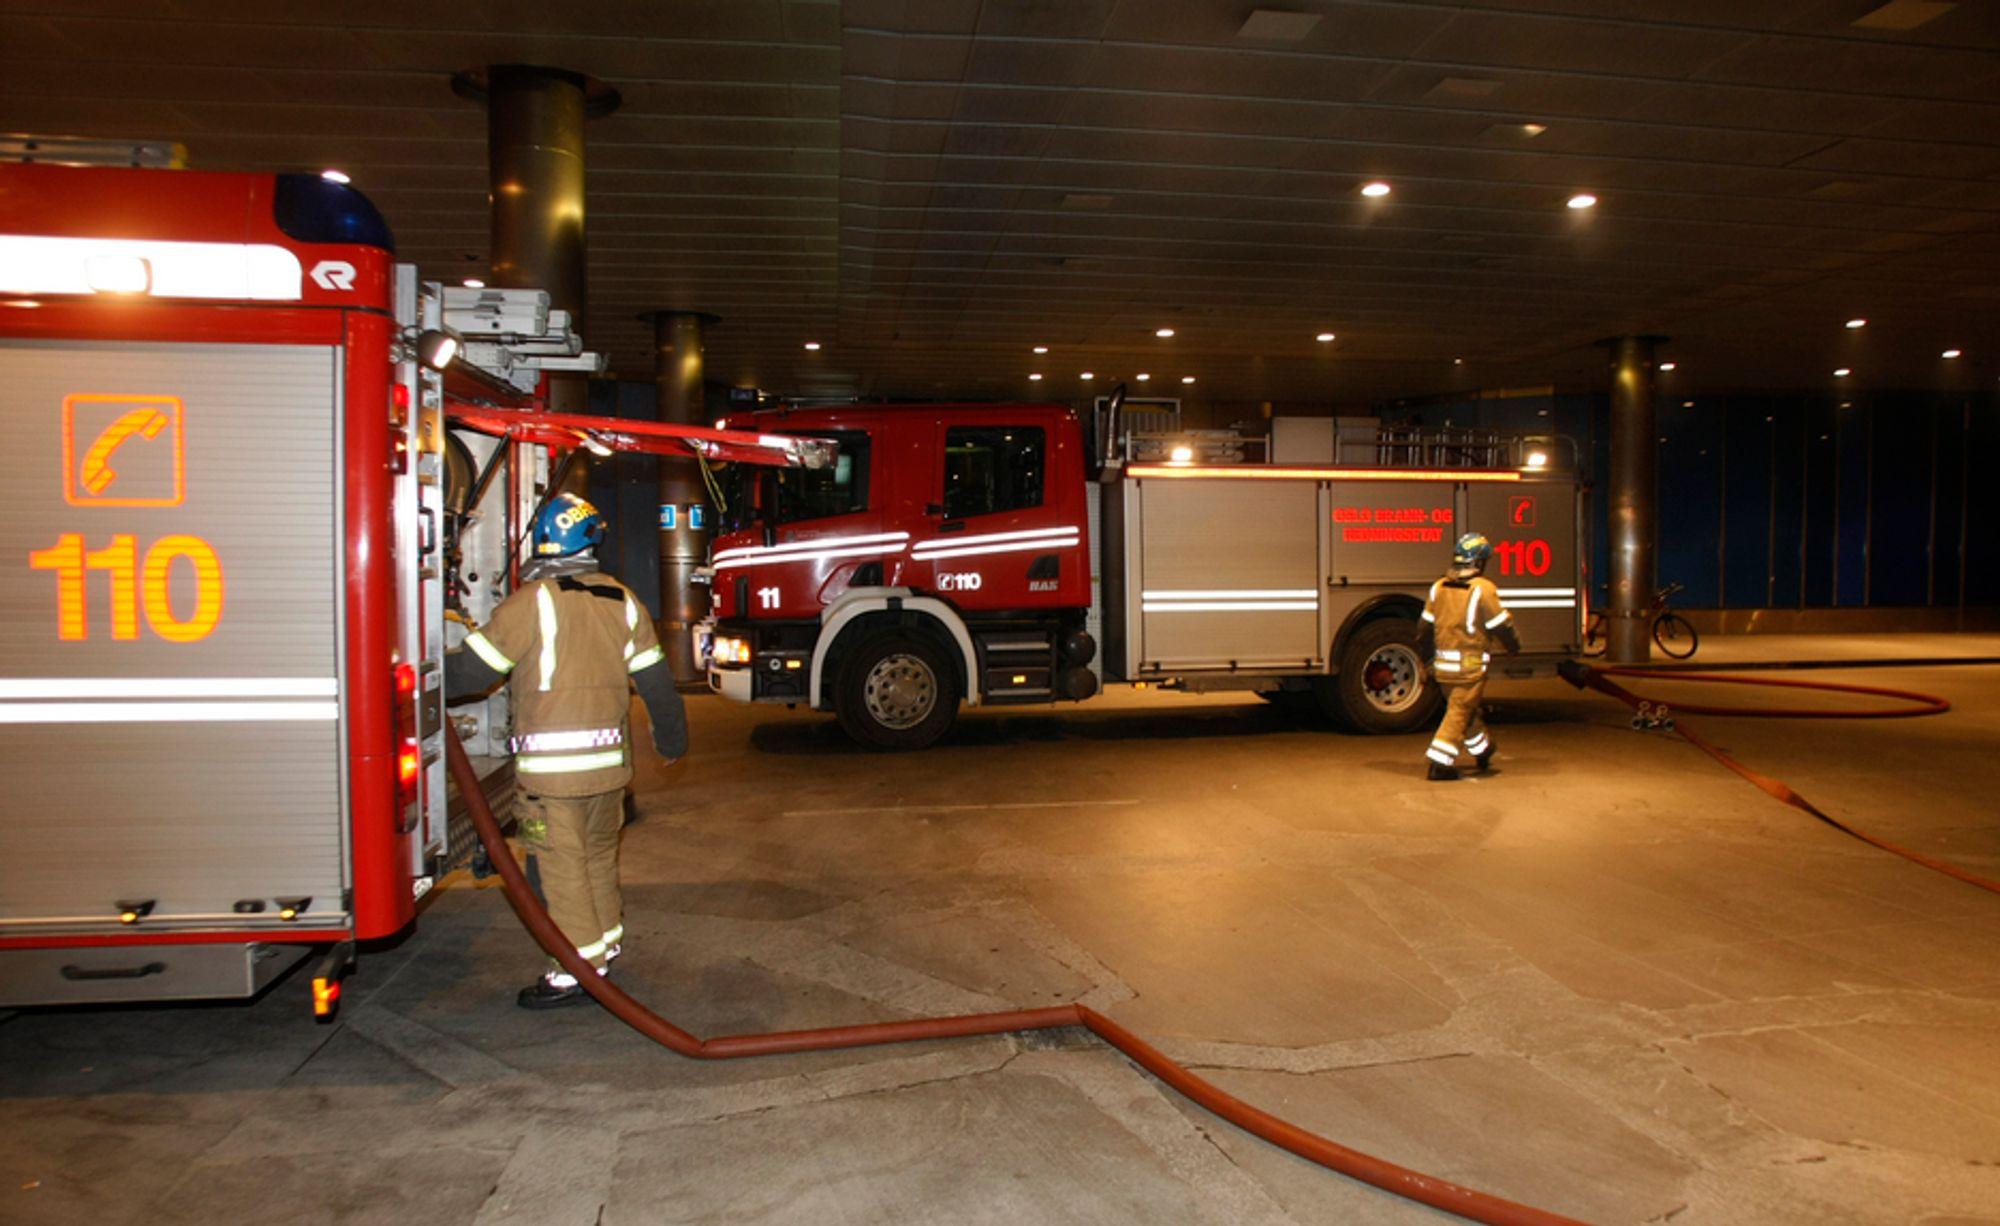 SLÅTT UT: Brannen på Oslo Sentralstasjon natt til onsdag slo også ut sentrale systemer på Sentrum politistasjon. Der er Norges nasjonale komandorom for terroranslag og krisesituasjoner.